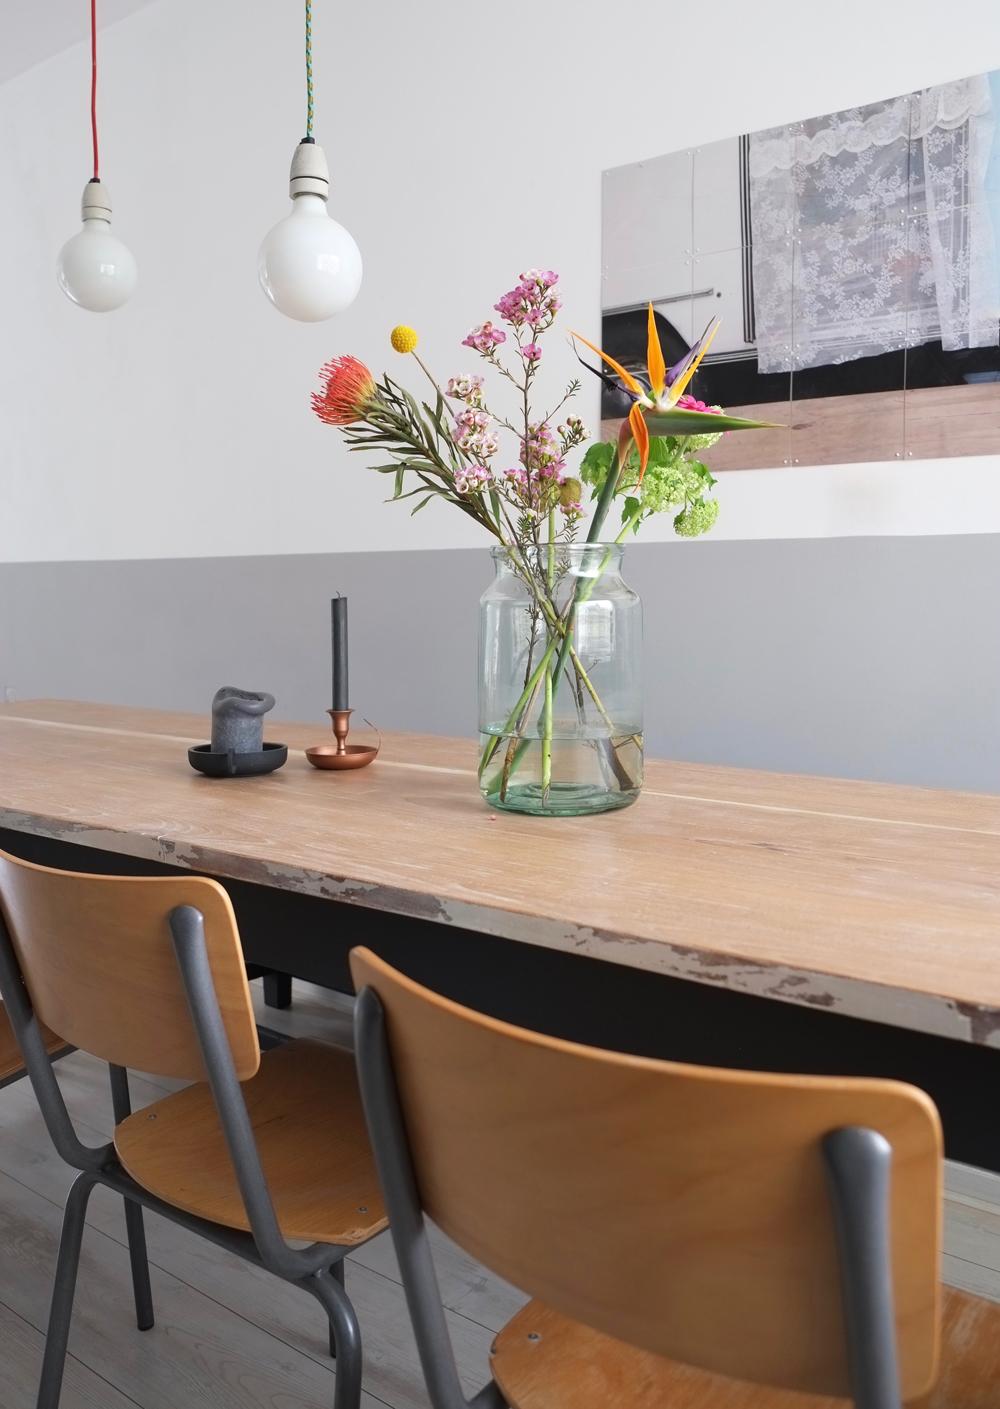 Pimpelwit Interieurontwerp- eettafel- styling-bloemen-kanderlaar-houten tafel-schoolstoel